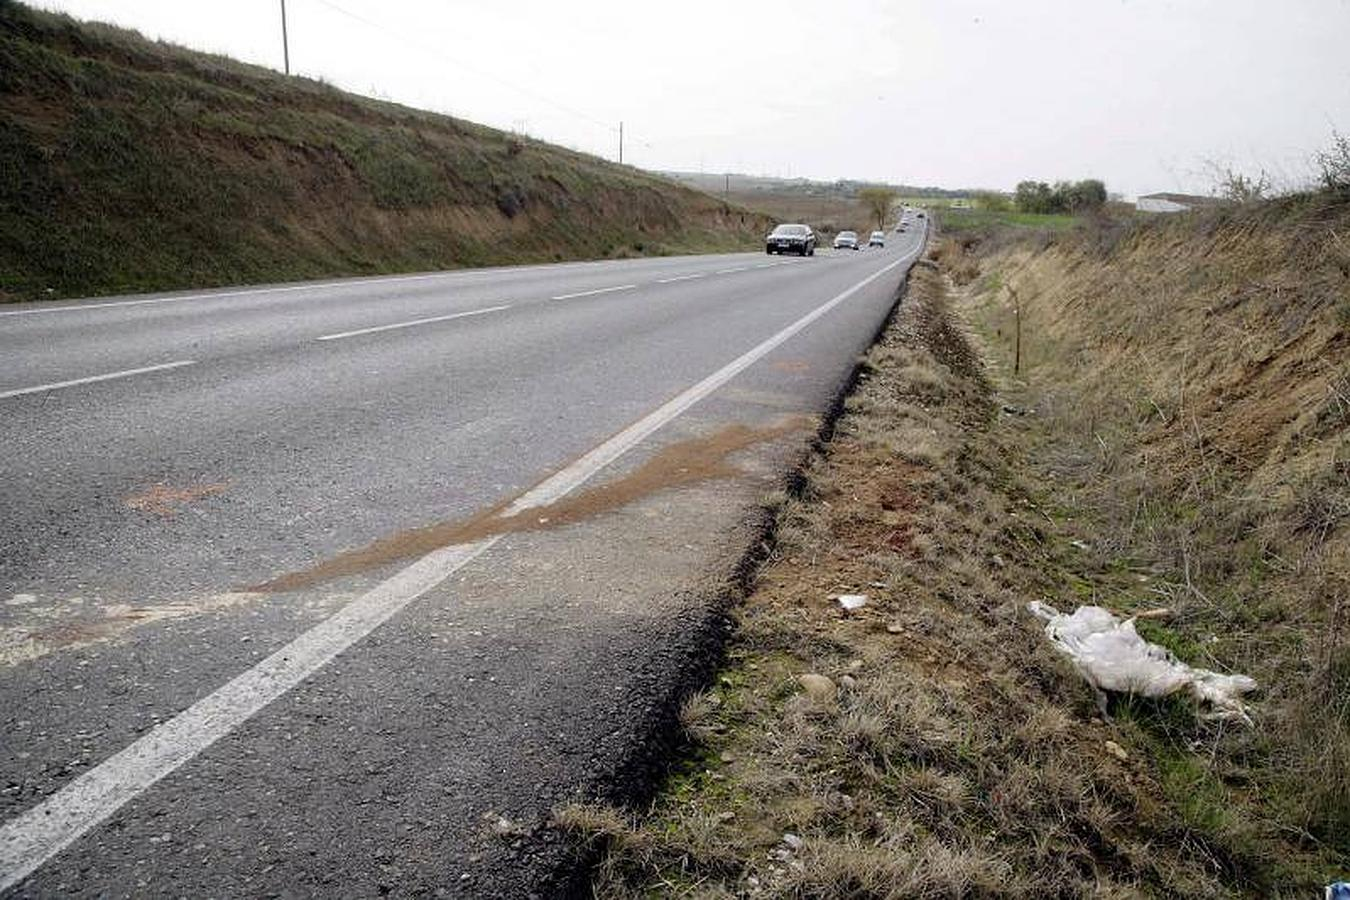 El accidente se ha producido en la carretera que une las localidades de Torrijos y Fuensalida, en el kilómetro 3,200 de la carretera TO-3927